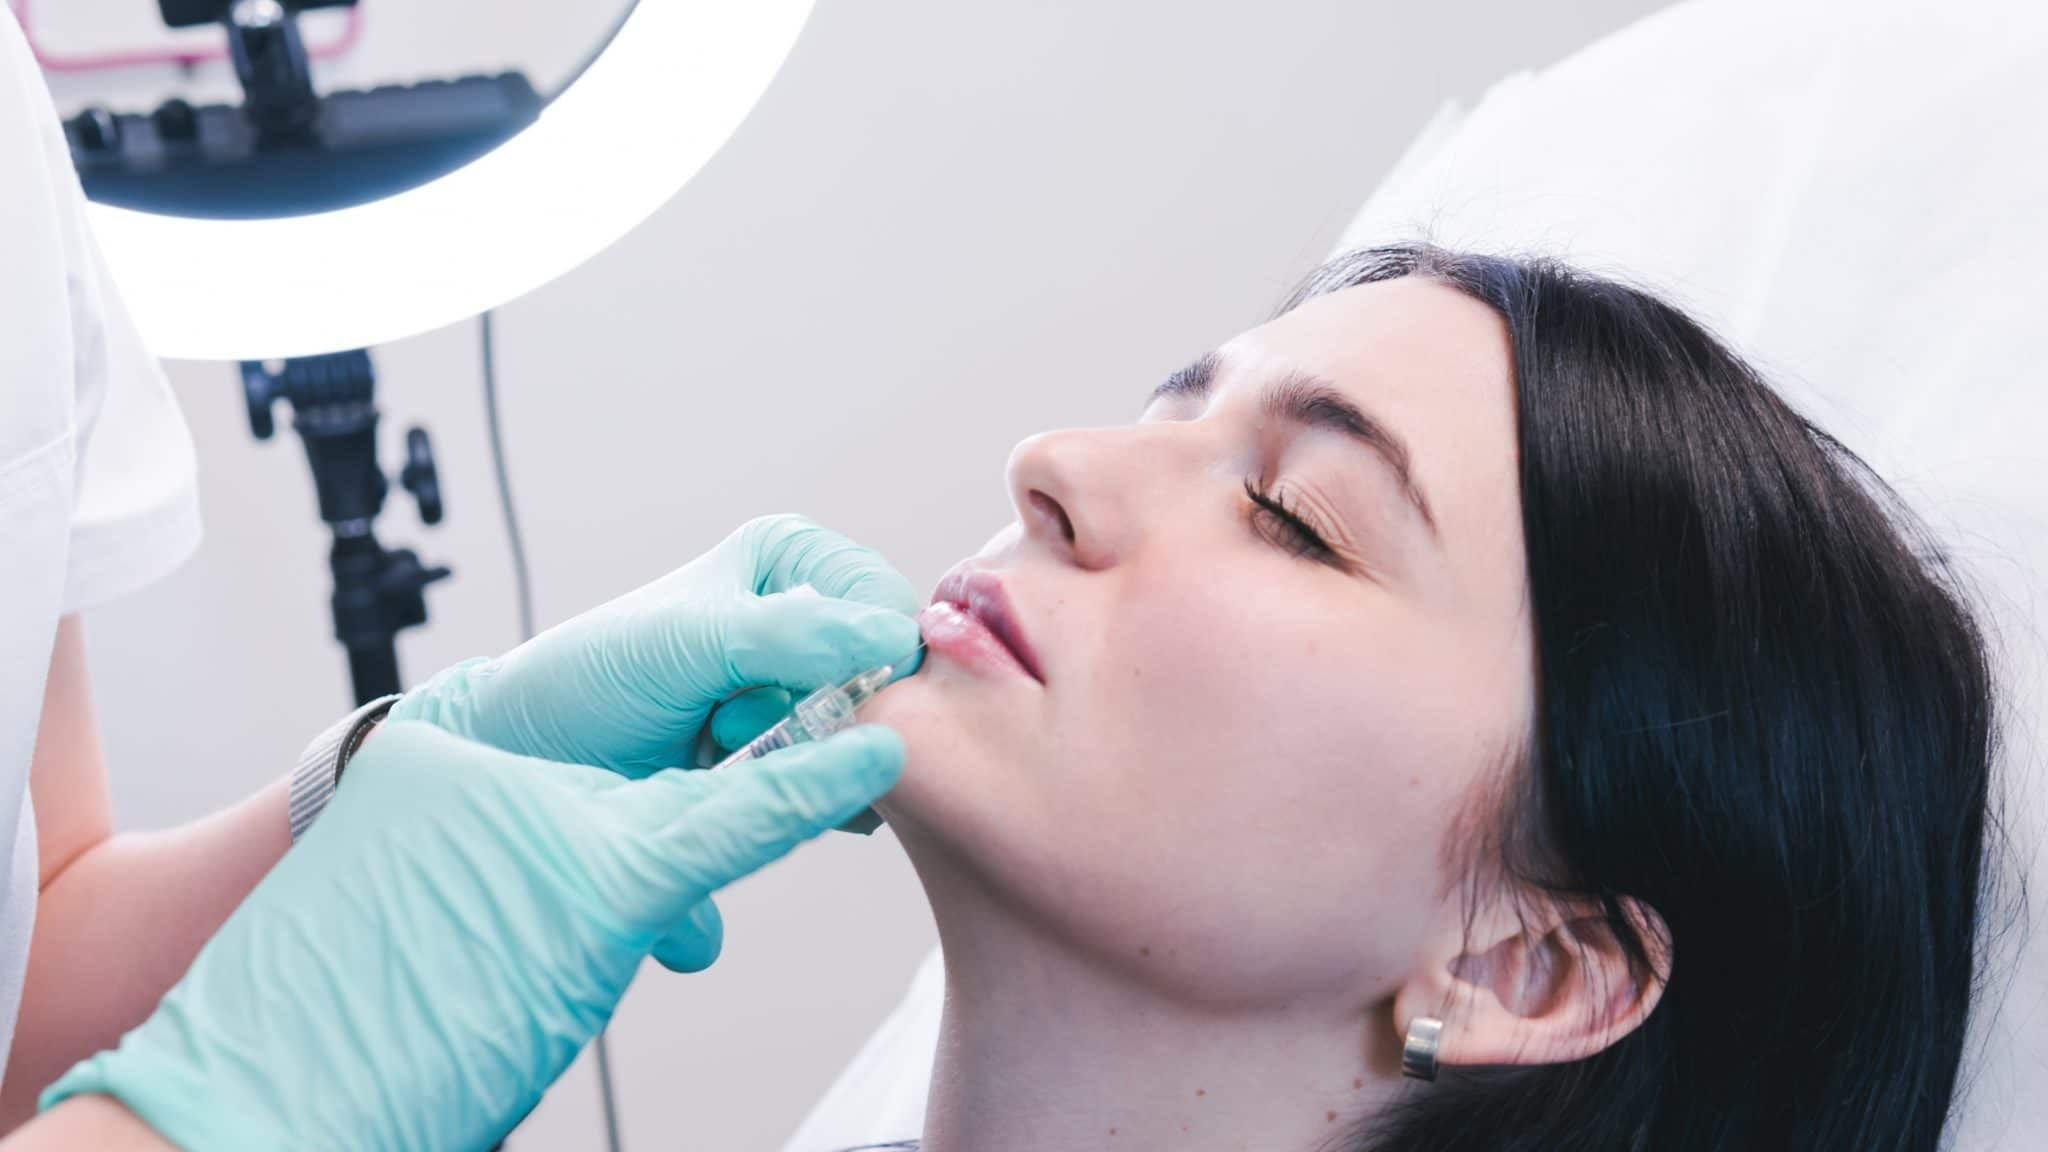 Les différents types de chirurgie du visage pratiqués à Esthétique Chirurgie